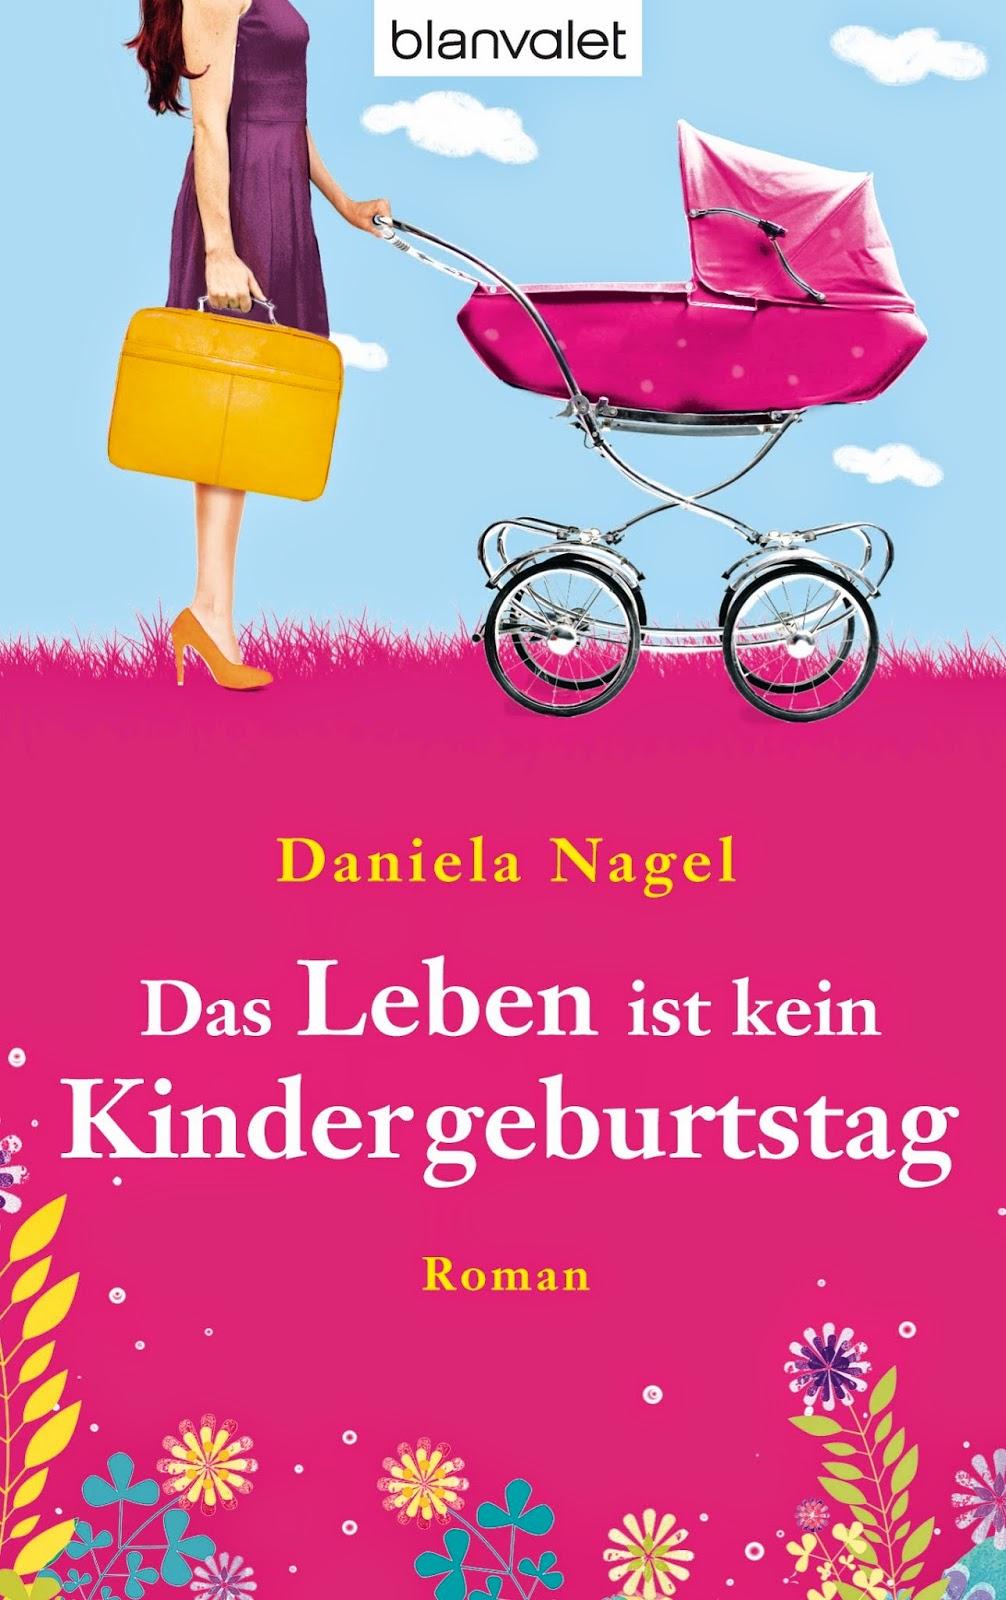 http://www.amazon.de/Das-Leben-ist-kein-Kindergeburtstag/dp/3442380898/ref=sr_1_1_twi_2?ie=UTF8&qid=1419693026&sr=8-1&keywords=das+leben+ist+kein+kindergeburtstag